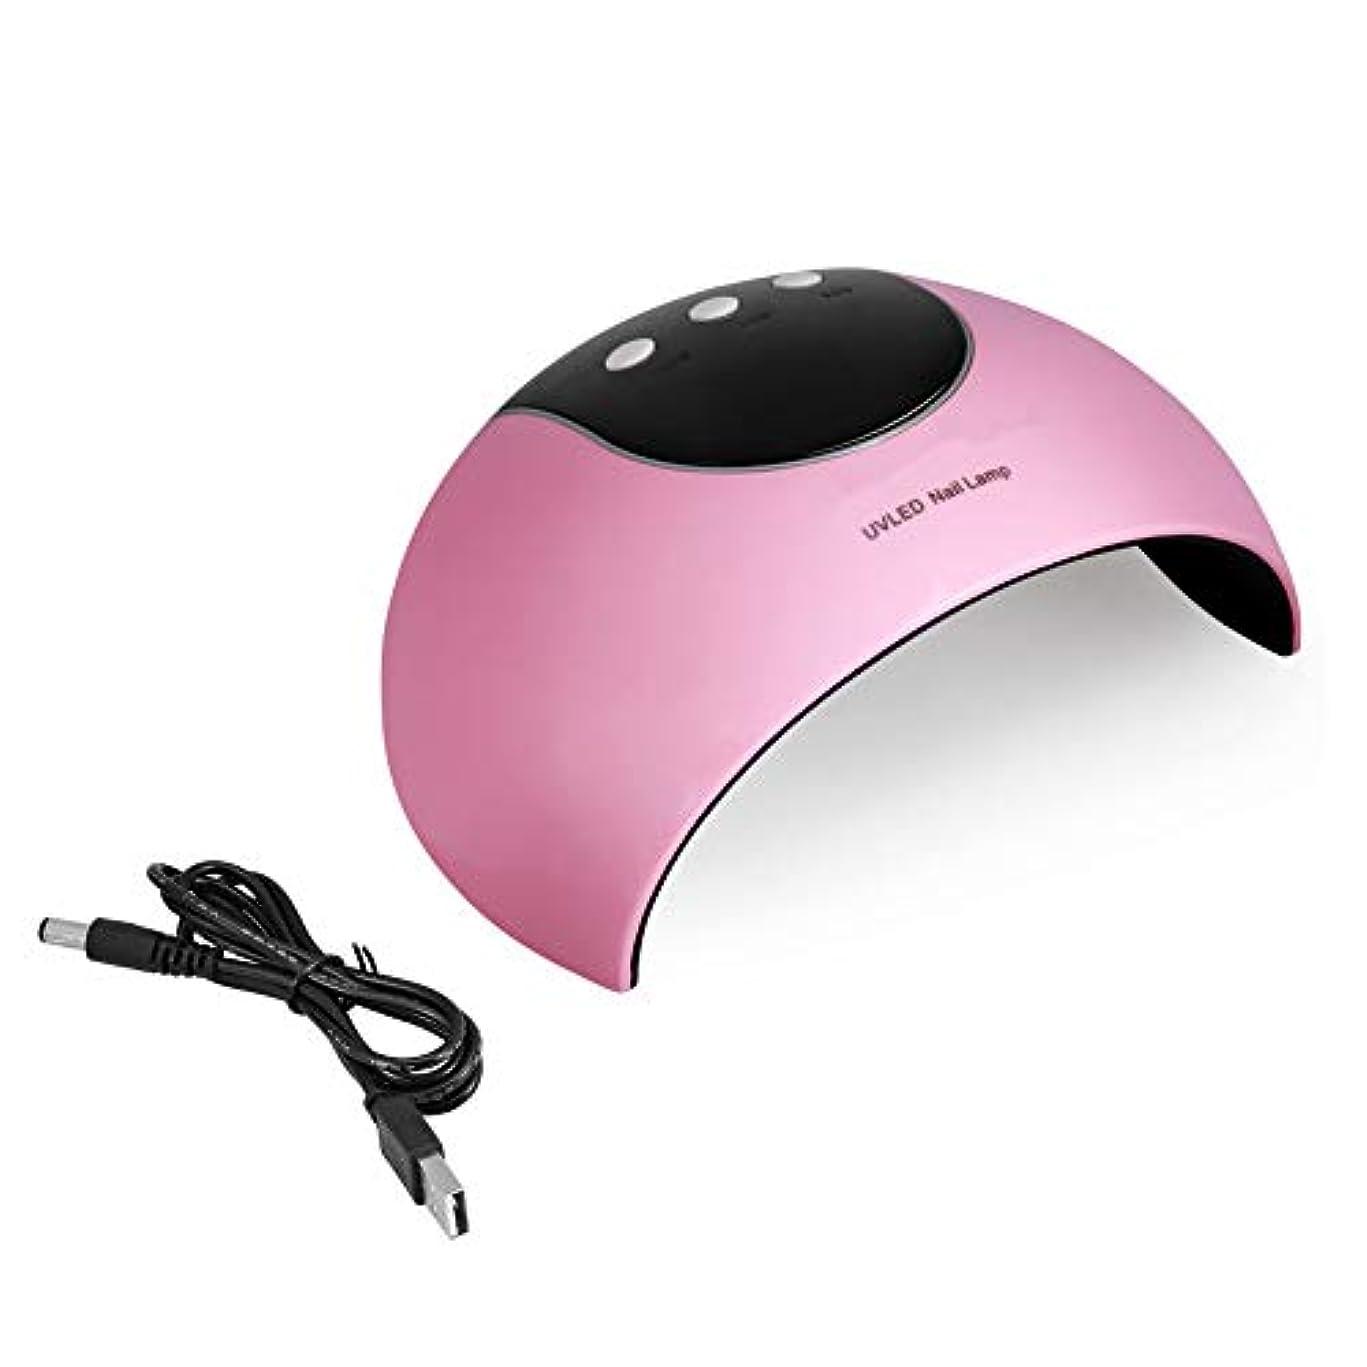 カーペット忌避剤半ばUVネイルランプ - 24W LEDネイルマニキュアランプネイルポリッシュドライヤーオートセンサーマシンネイルアートドライヤーピンク (Color : Pink)